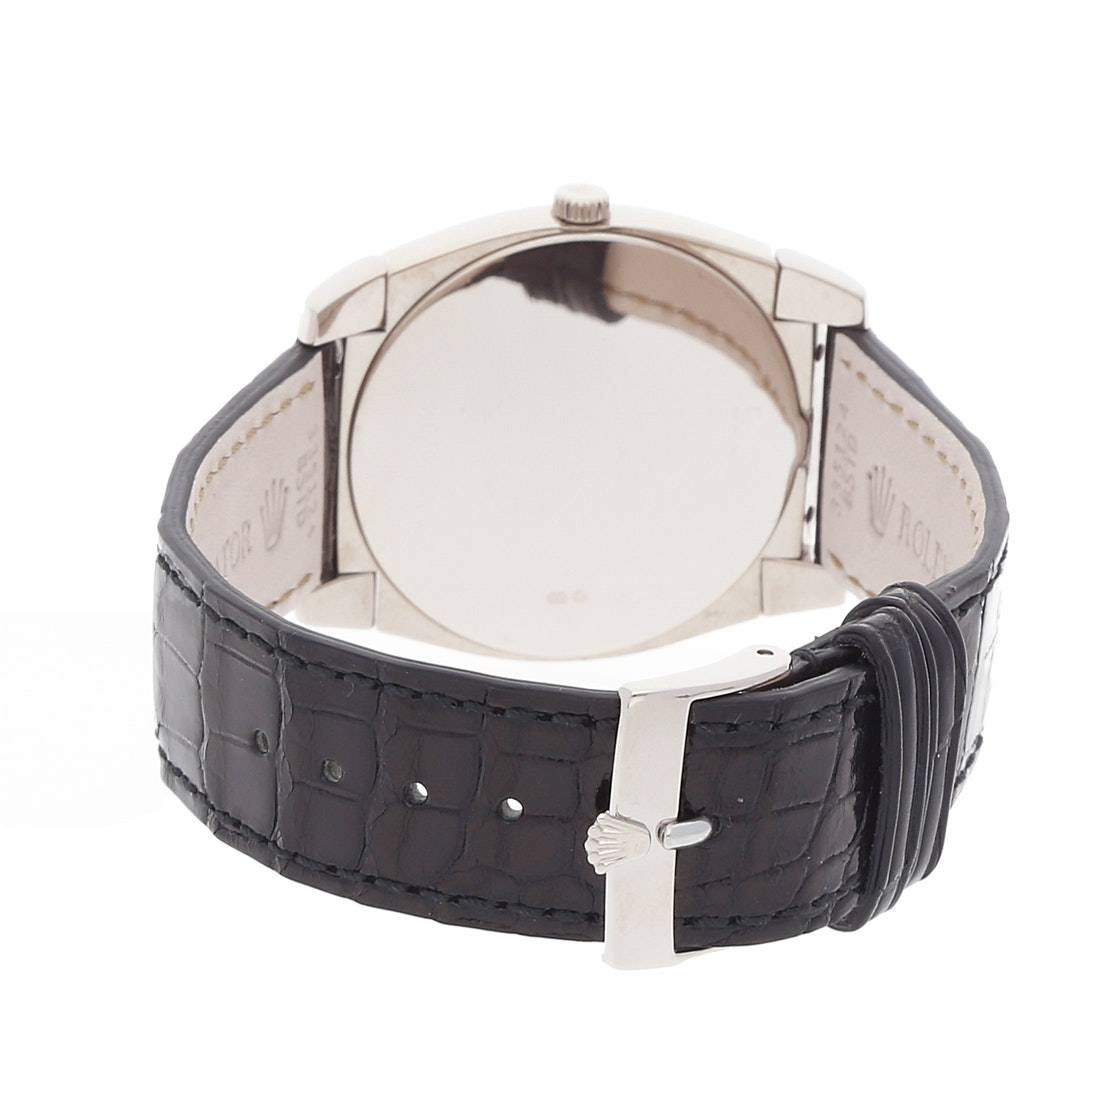 Rolex Cellini Cestello 5330/9